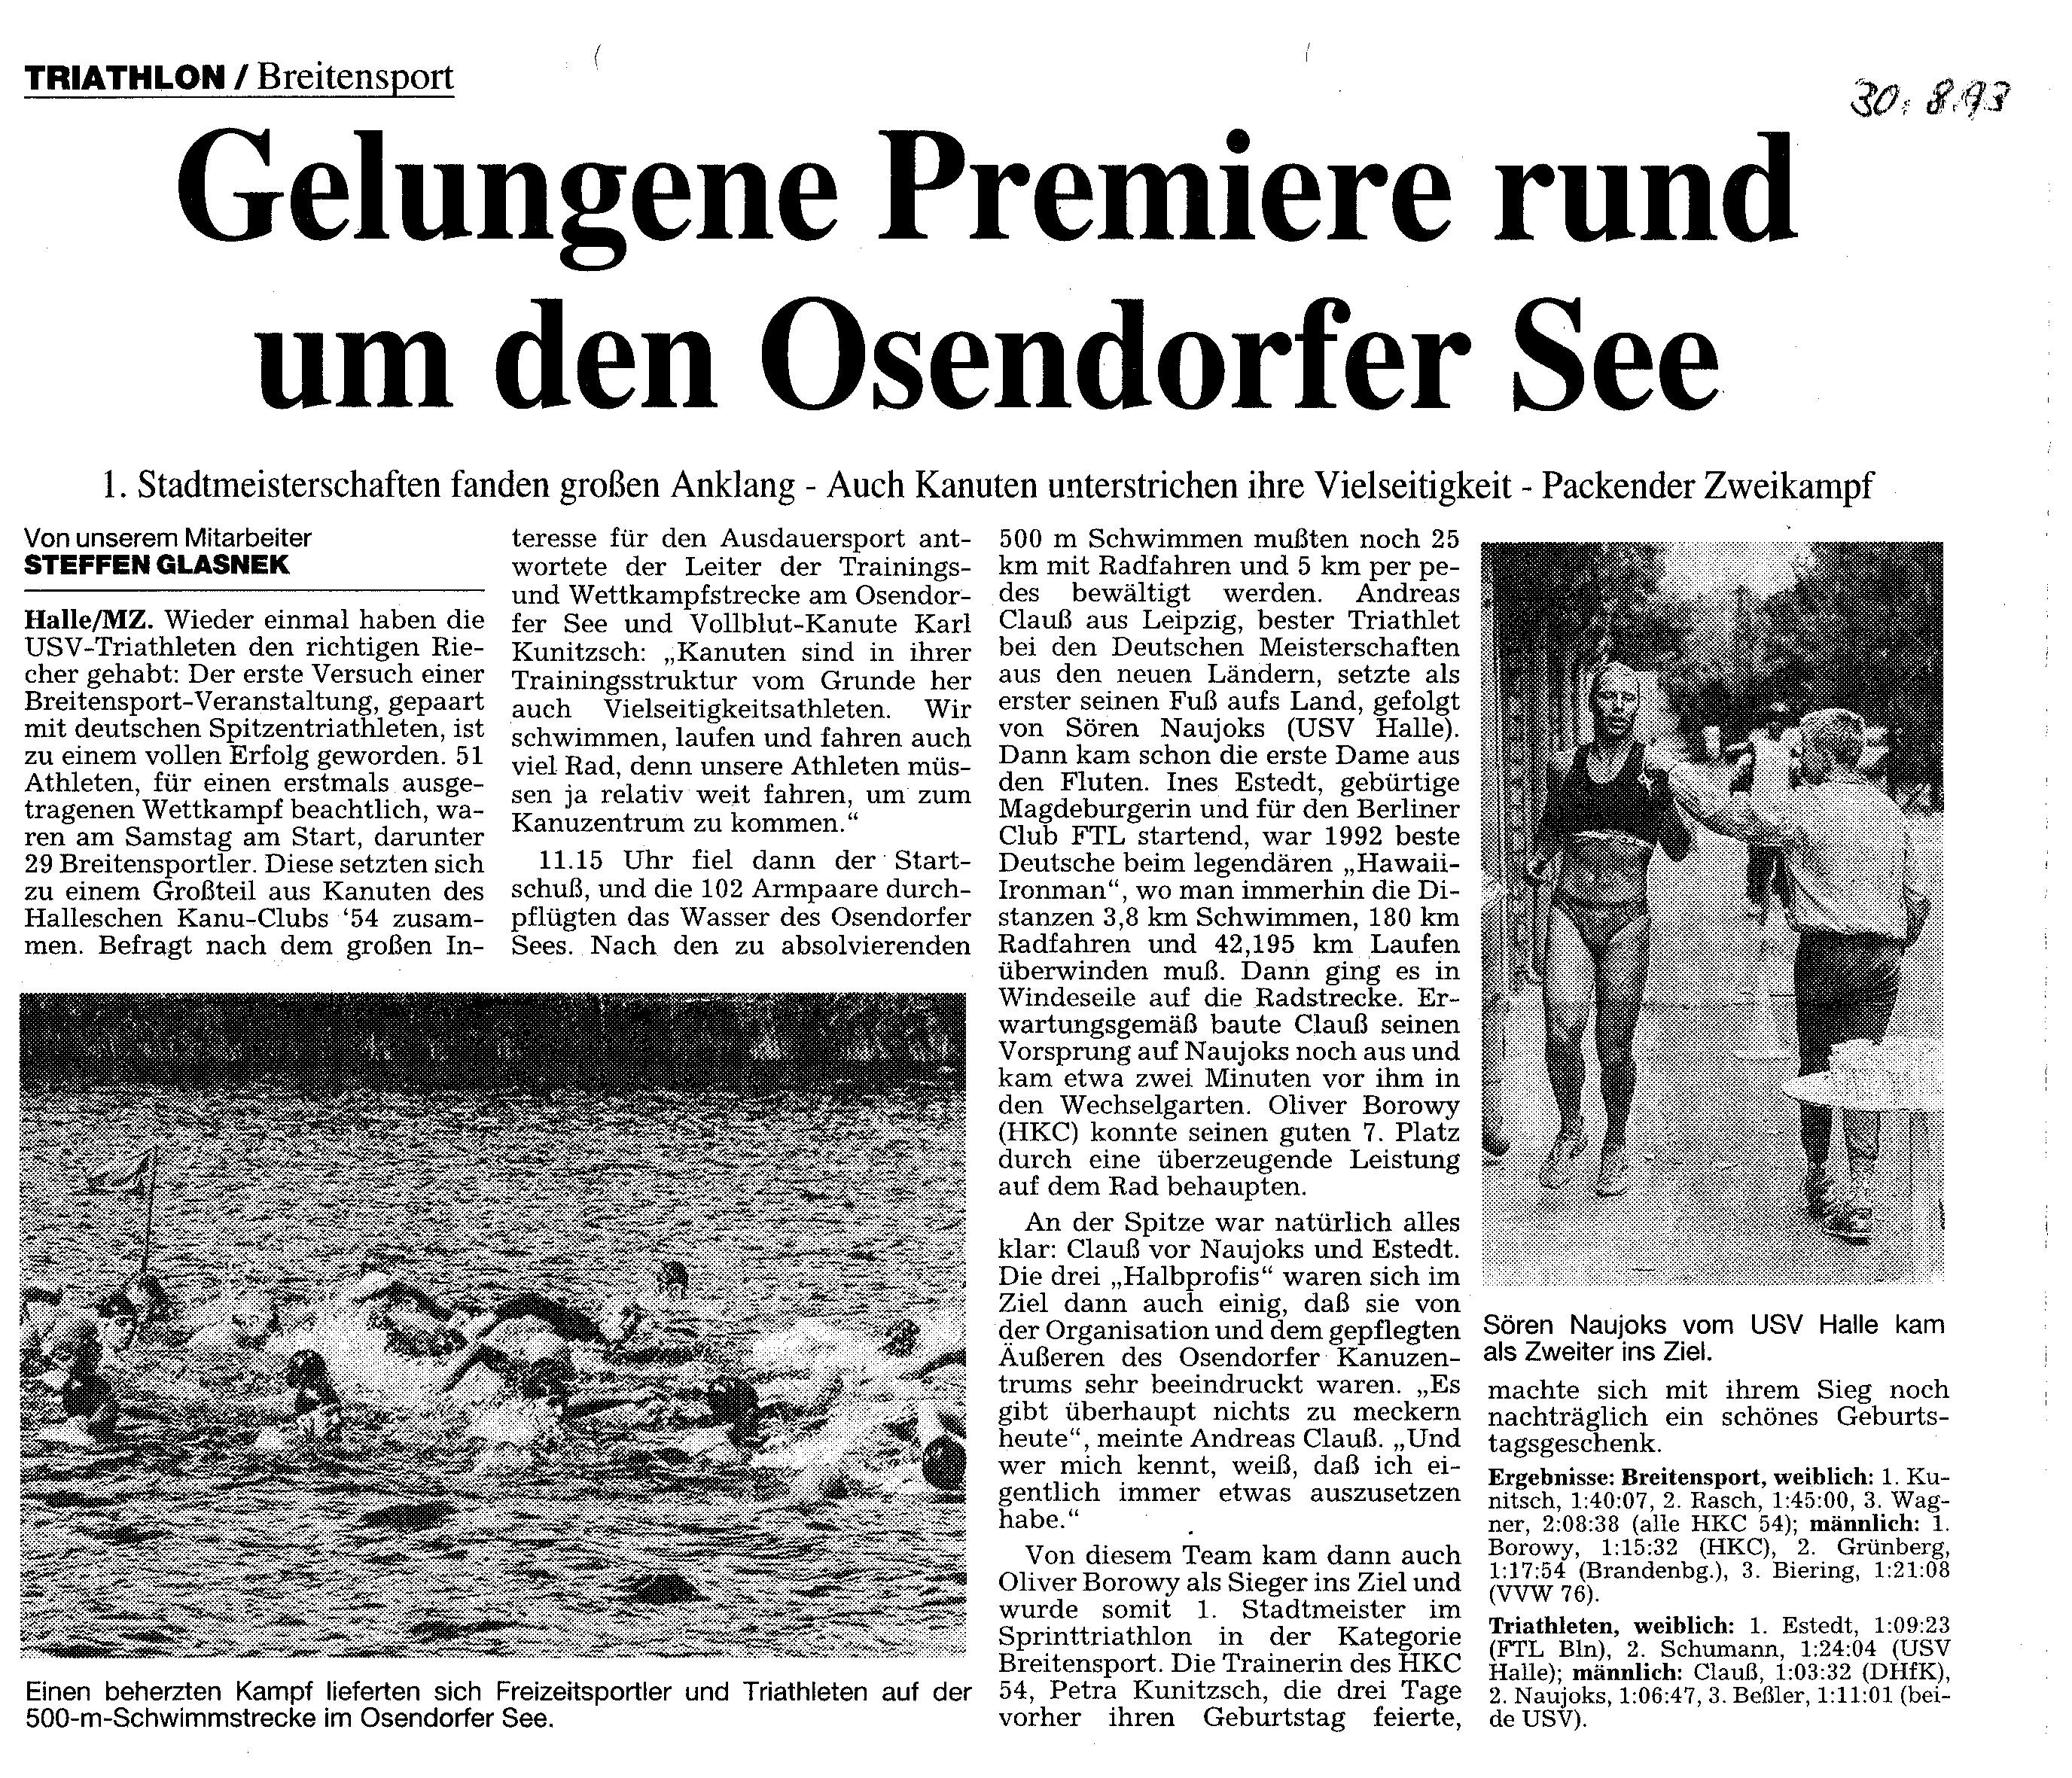 1993-08-30 MZ Gelungene Premiere rundum den Osendorfer See